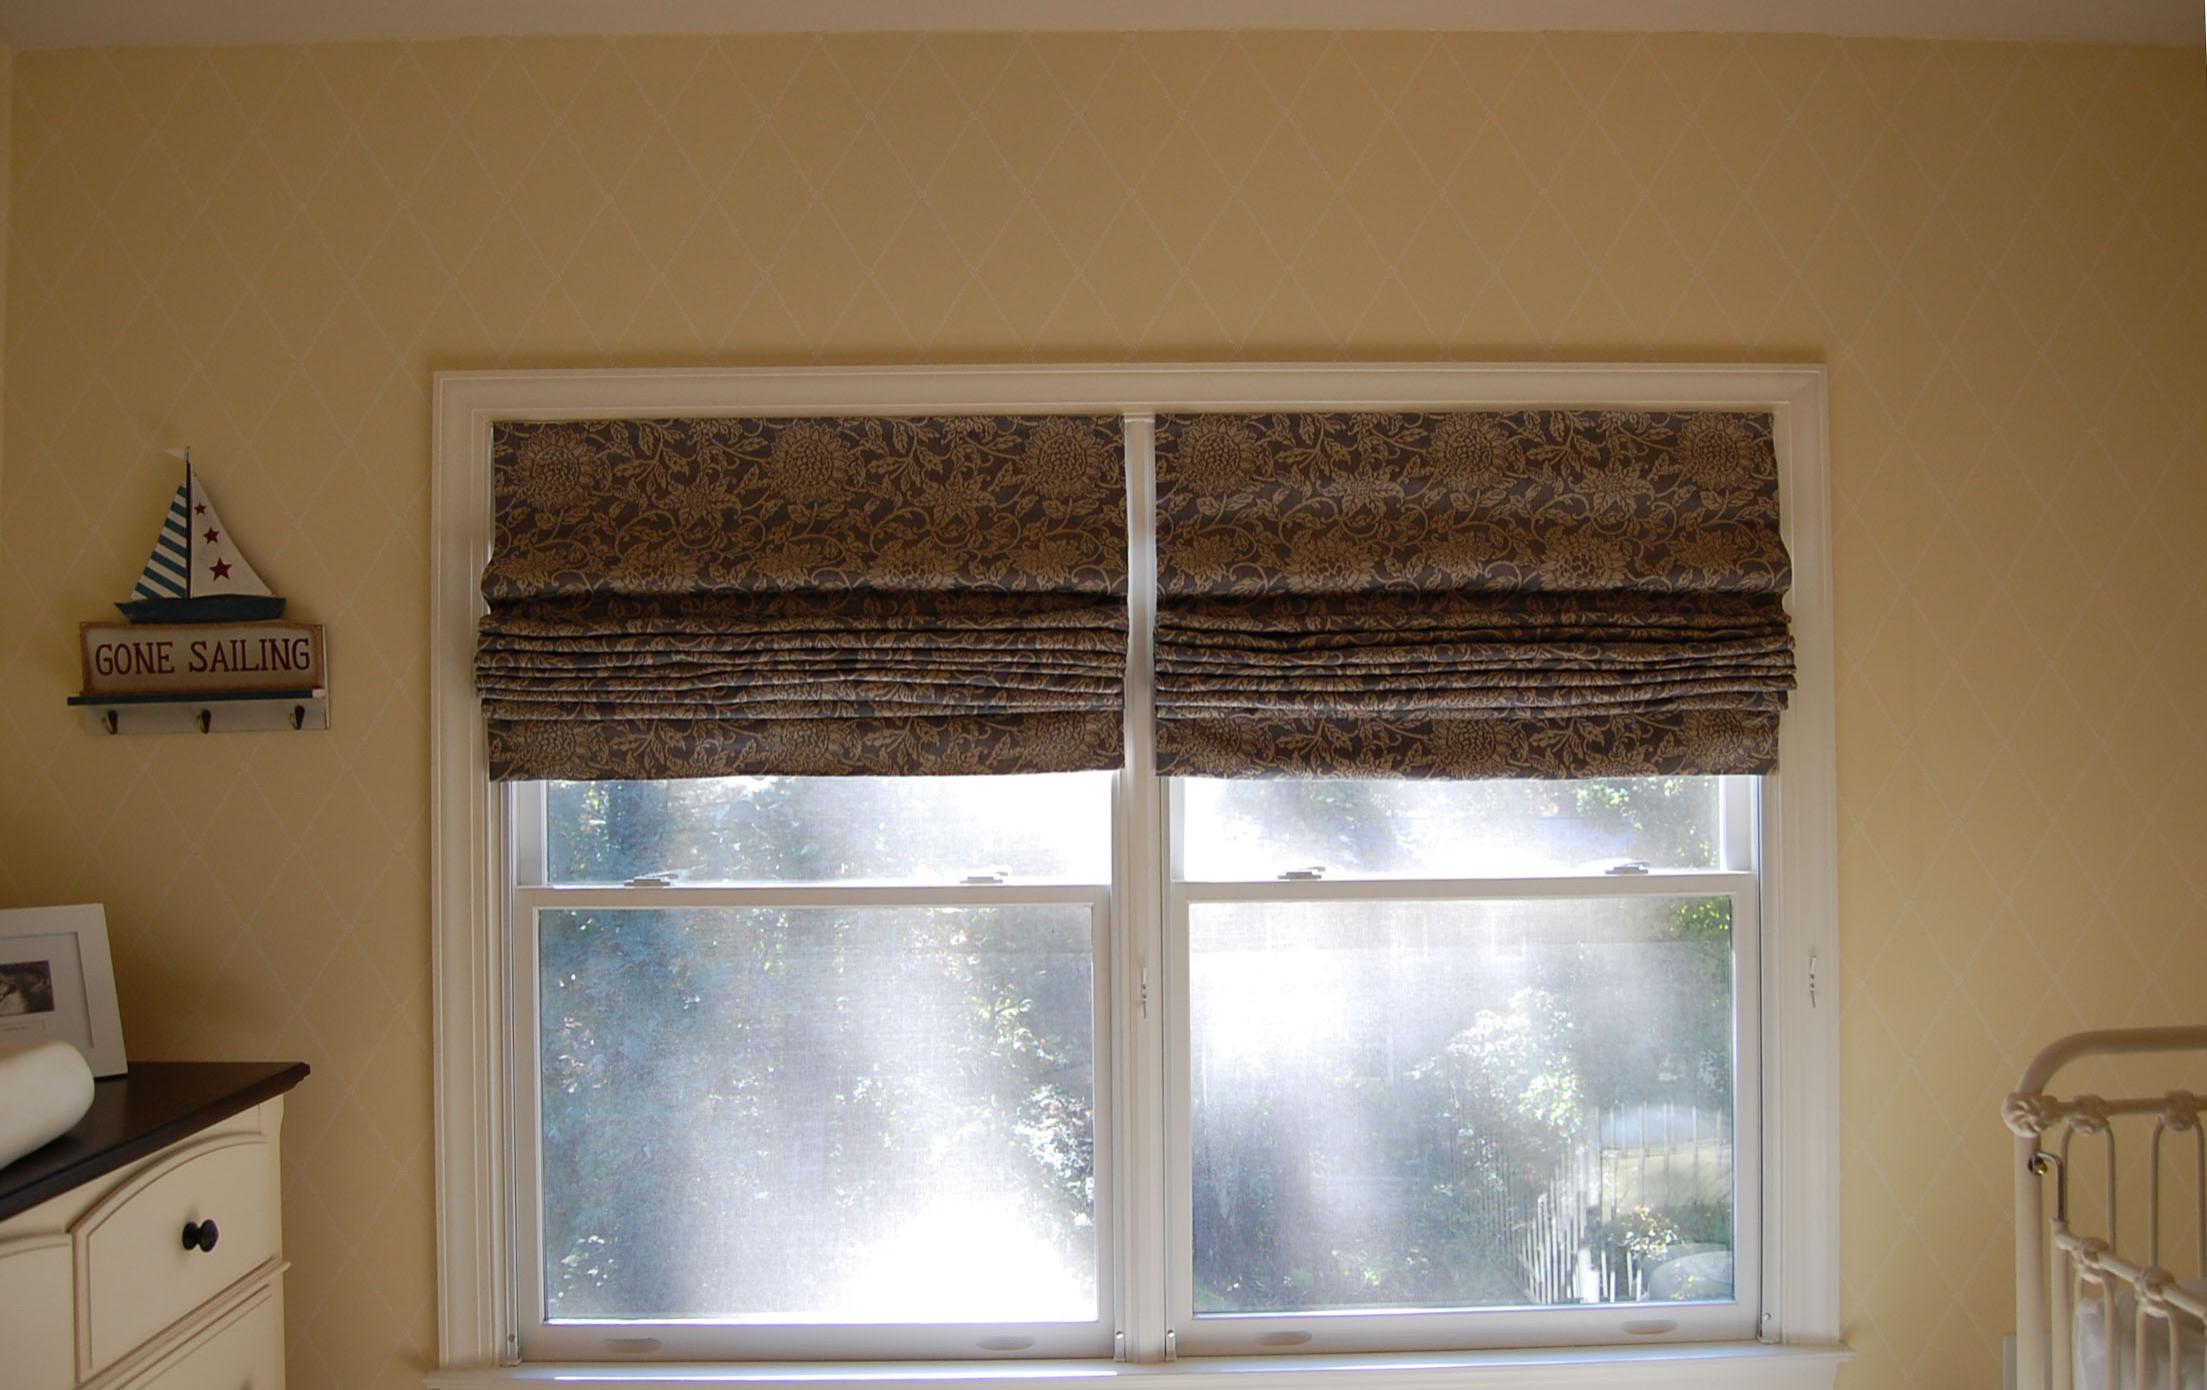 Children's nursery Window shades- Cordfree